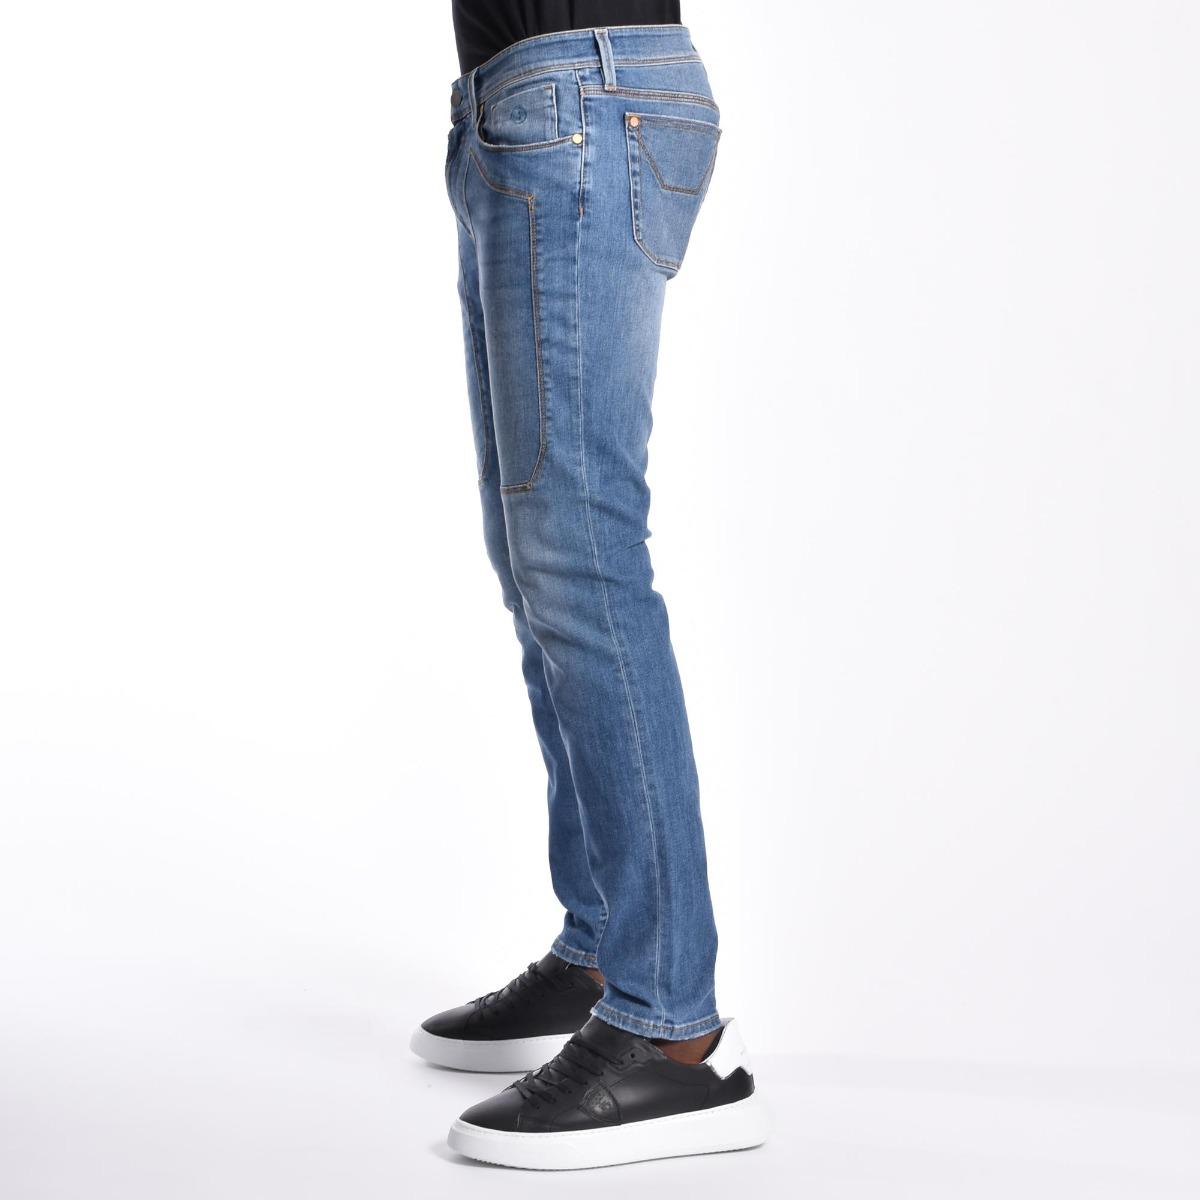 Jeans toppa denim - Denim